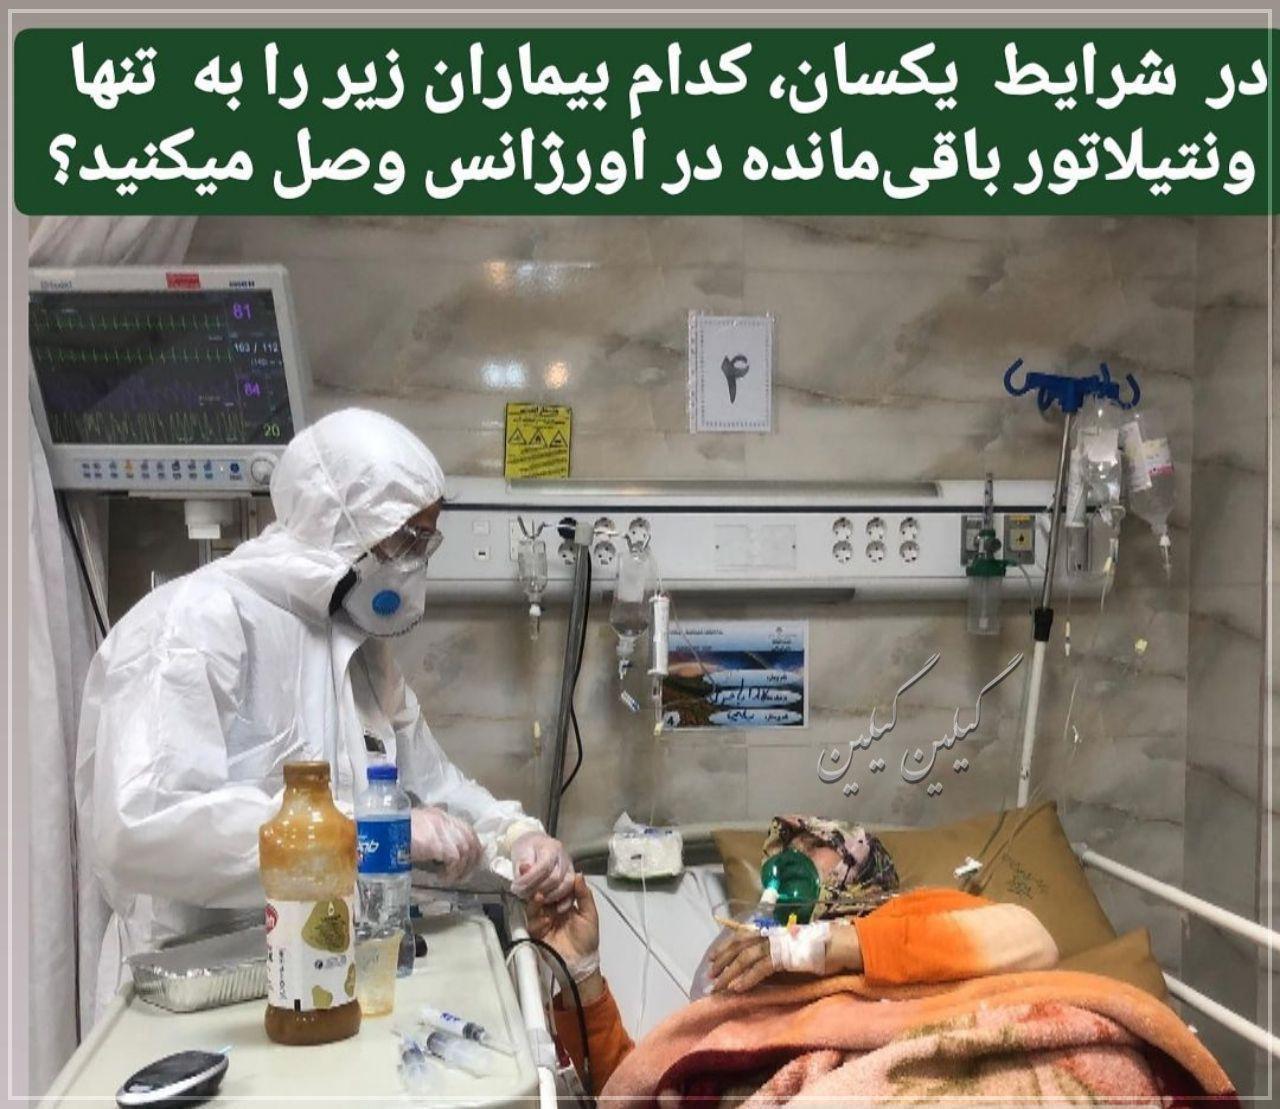 اخبار جدید کرونا ویروس در ایران و جهان (عکس)